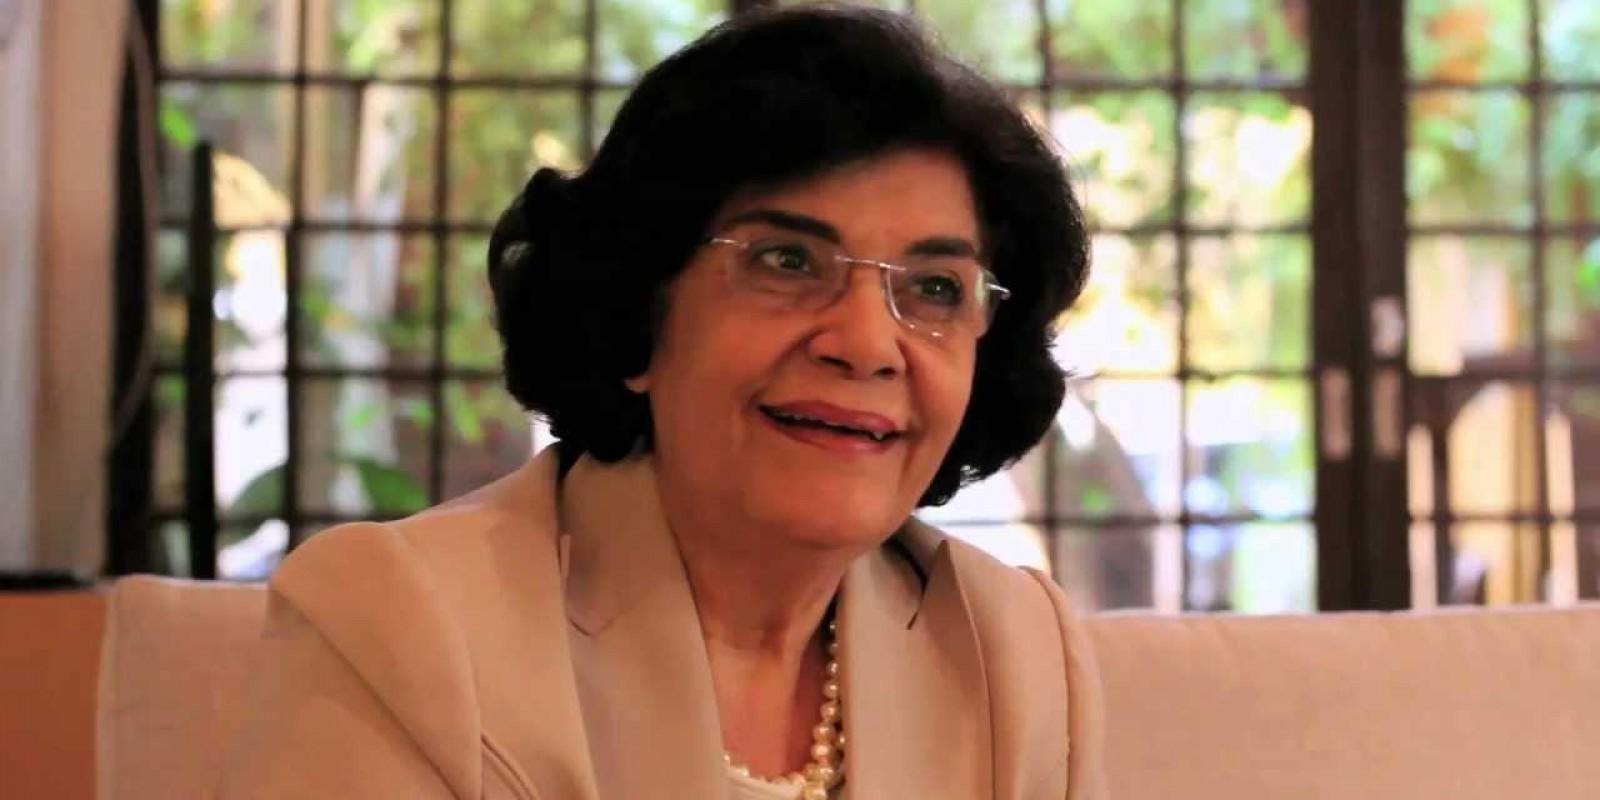 Veja analises da filósofa Marilena Chauí acerca da cultura e violência no Brasil